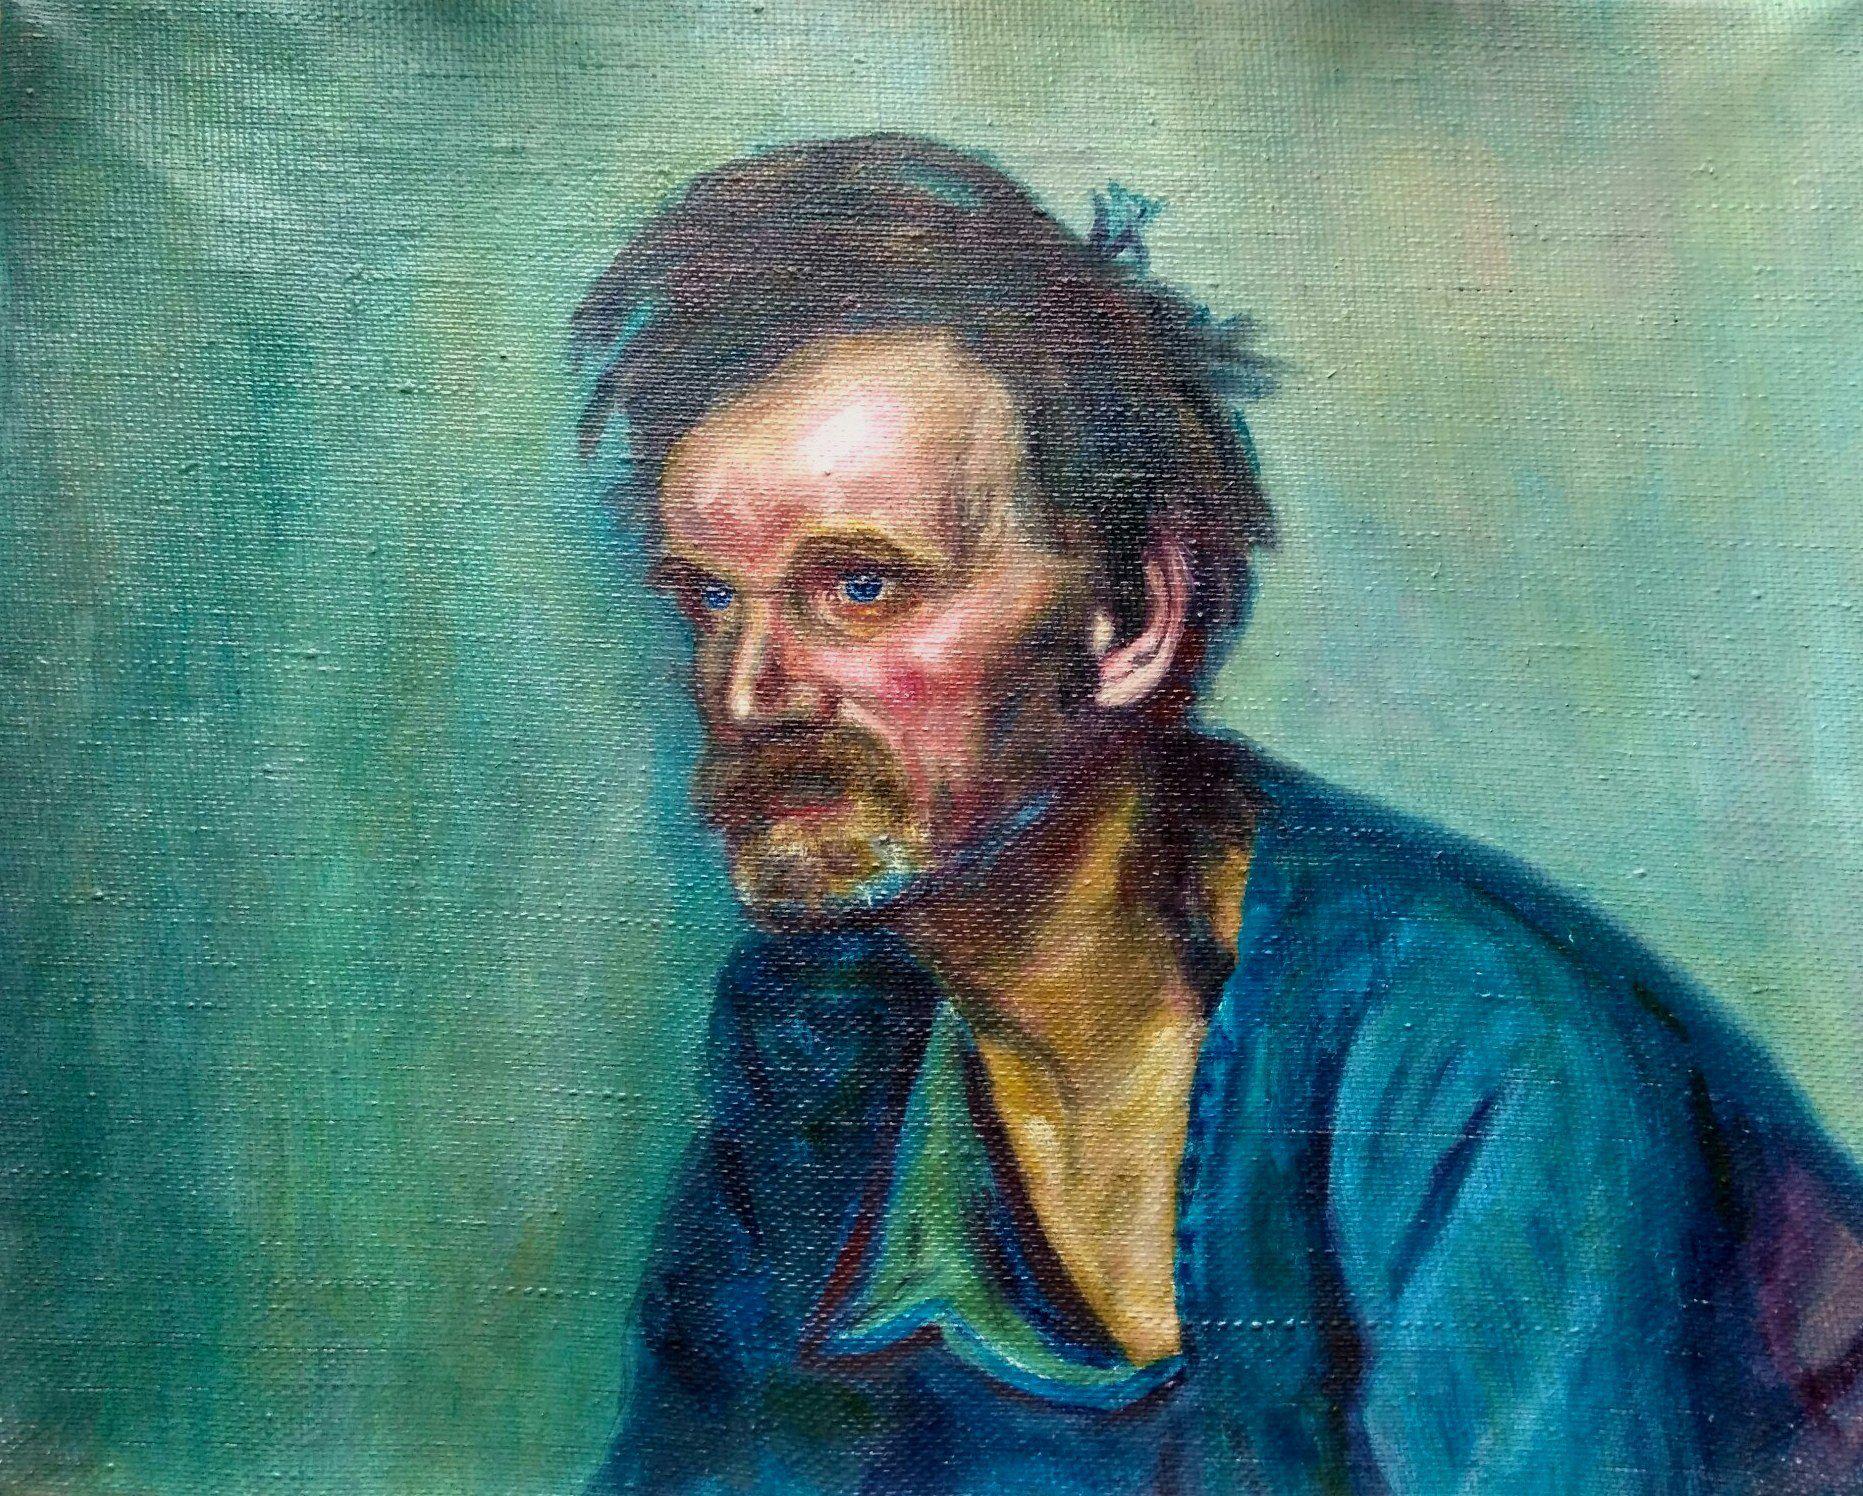 oilpainting холодная маслом старик портрет синий гамма картина